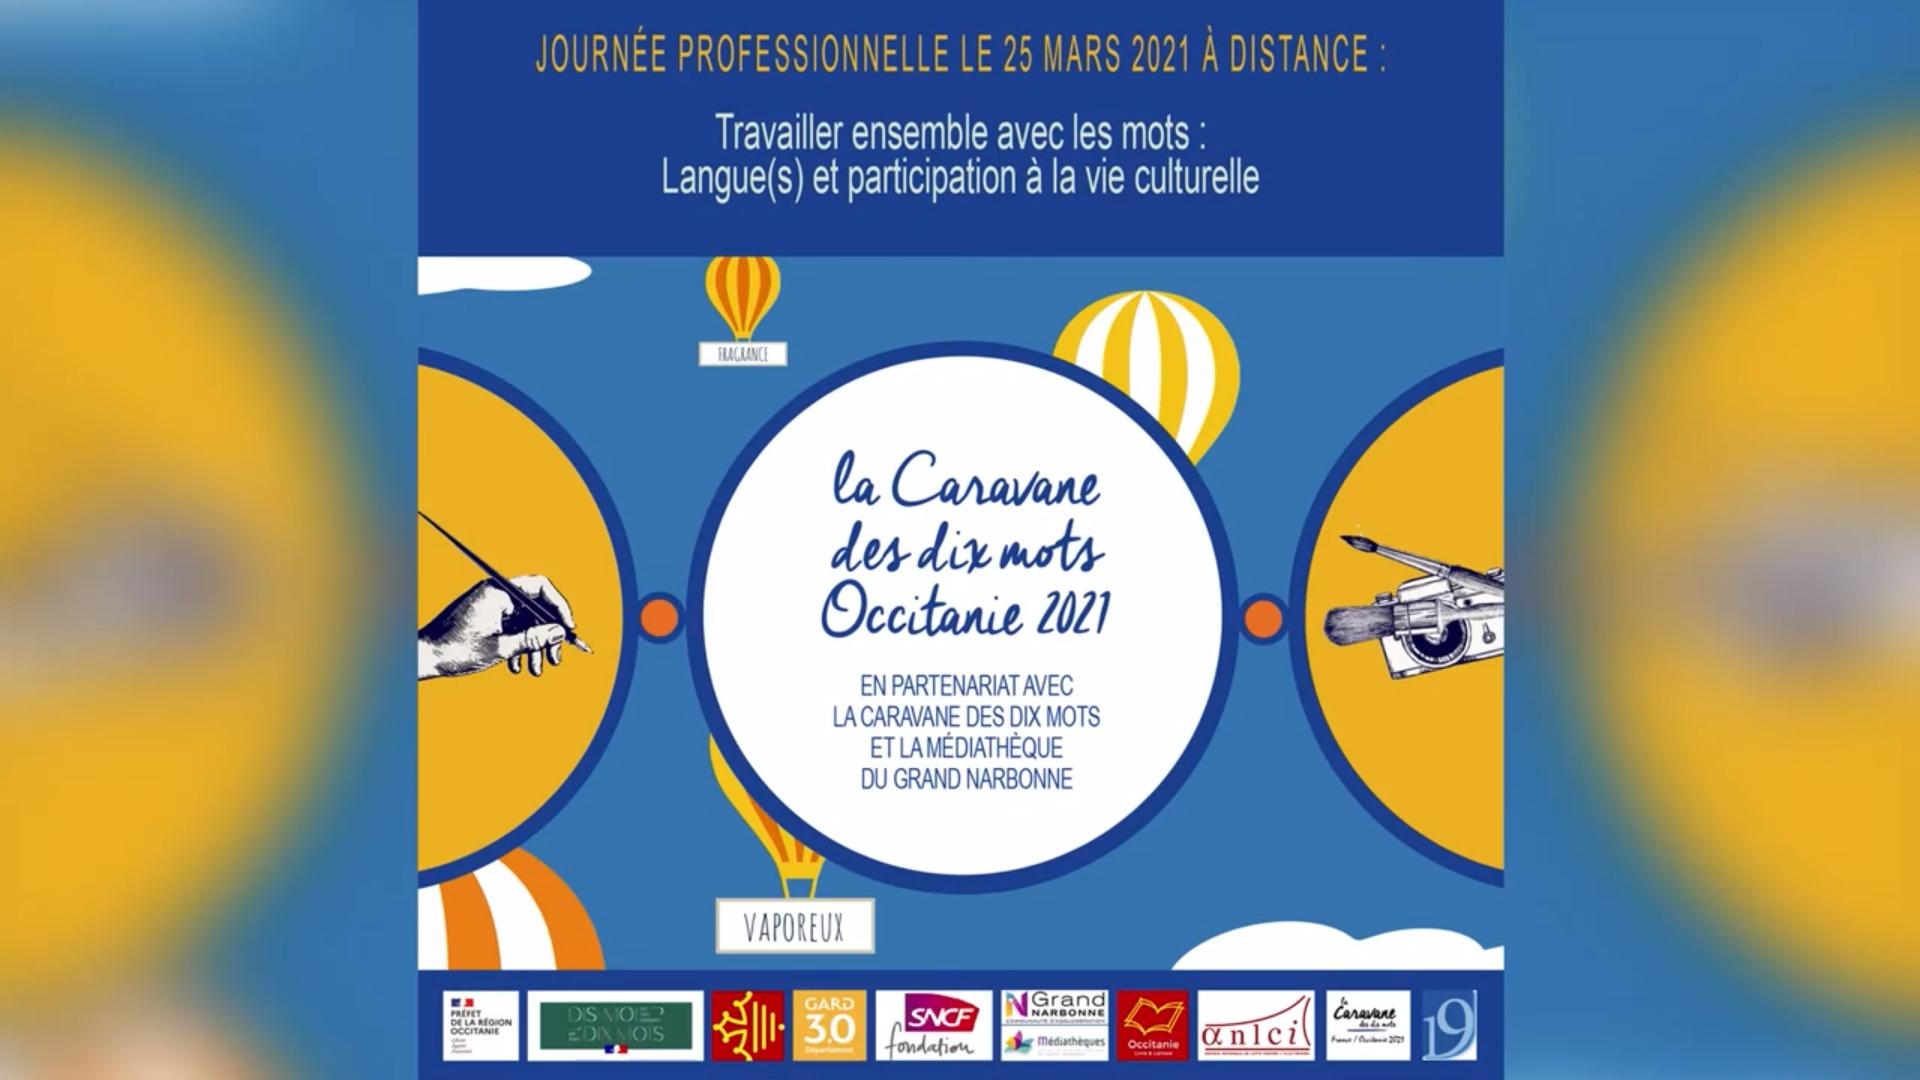 Film de la Journée Professionnelle – Caravane des 10 mots Occitanie